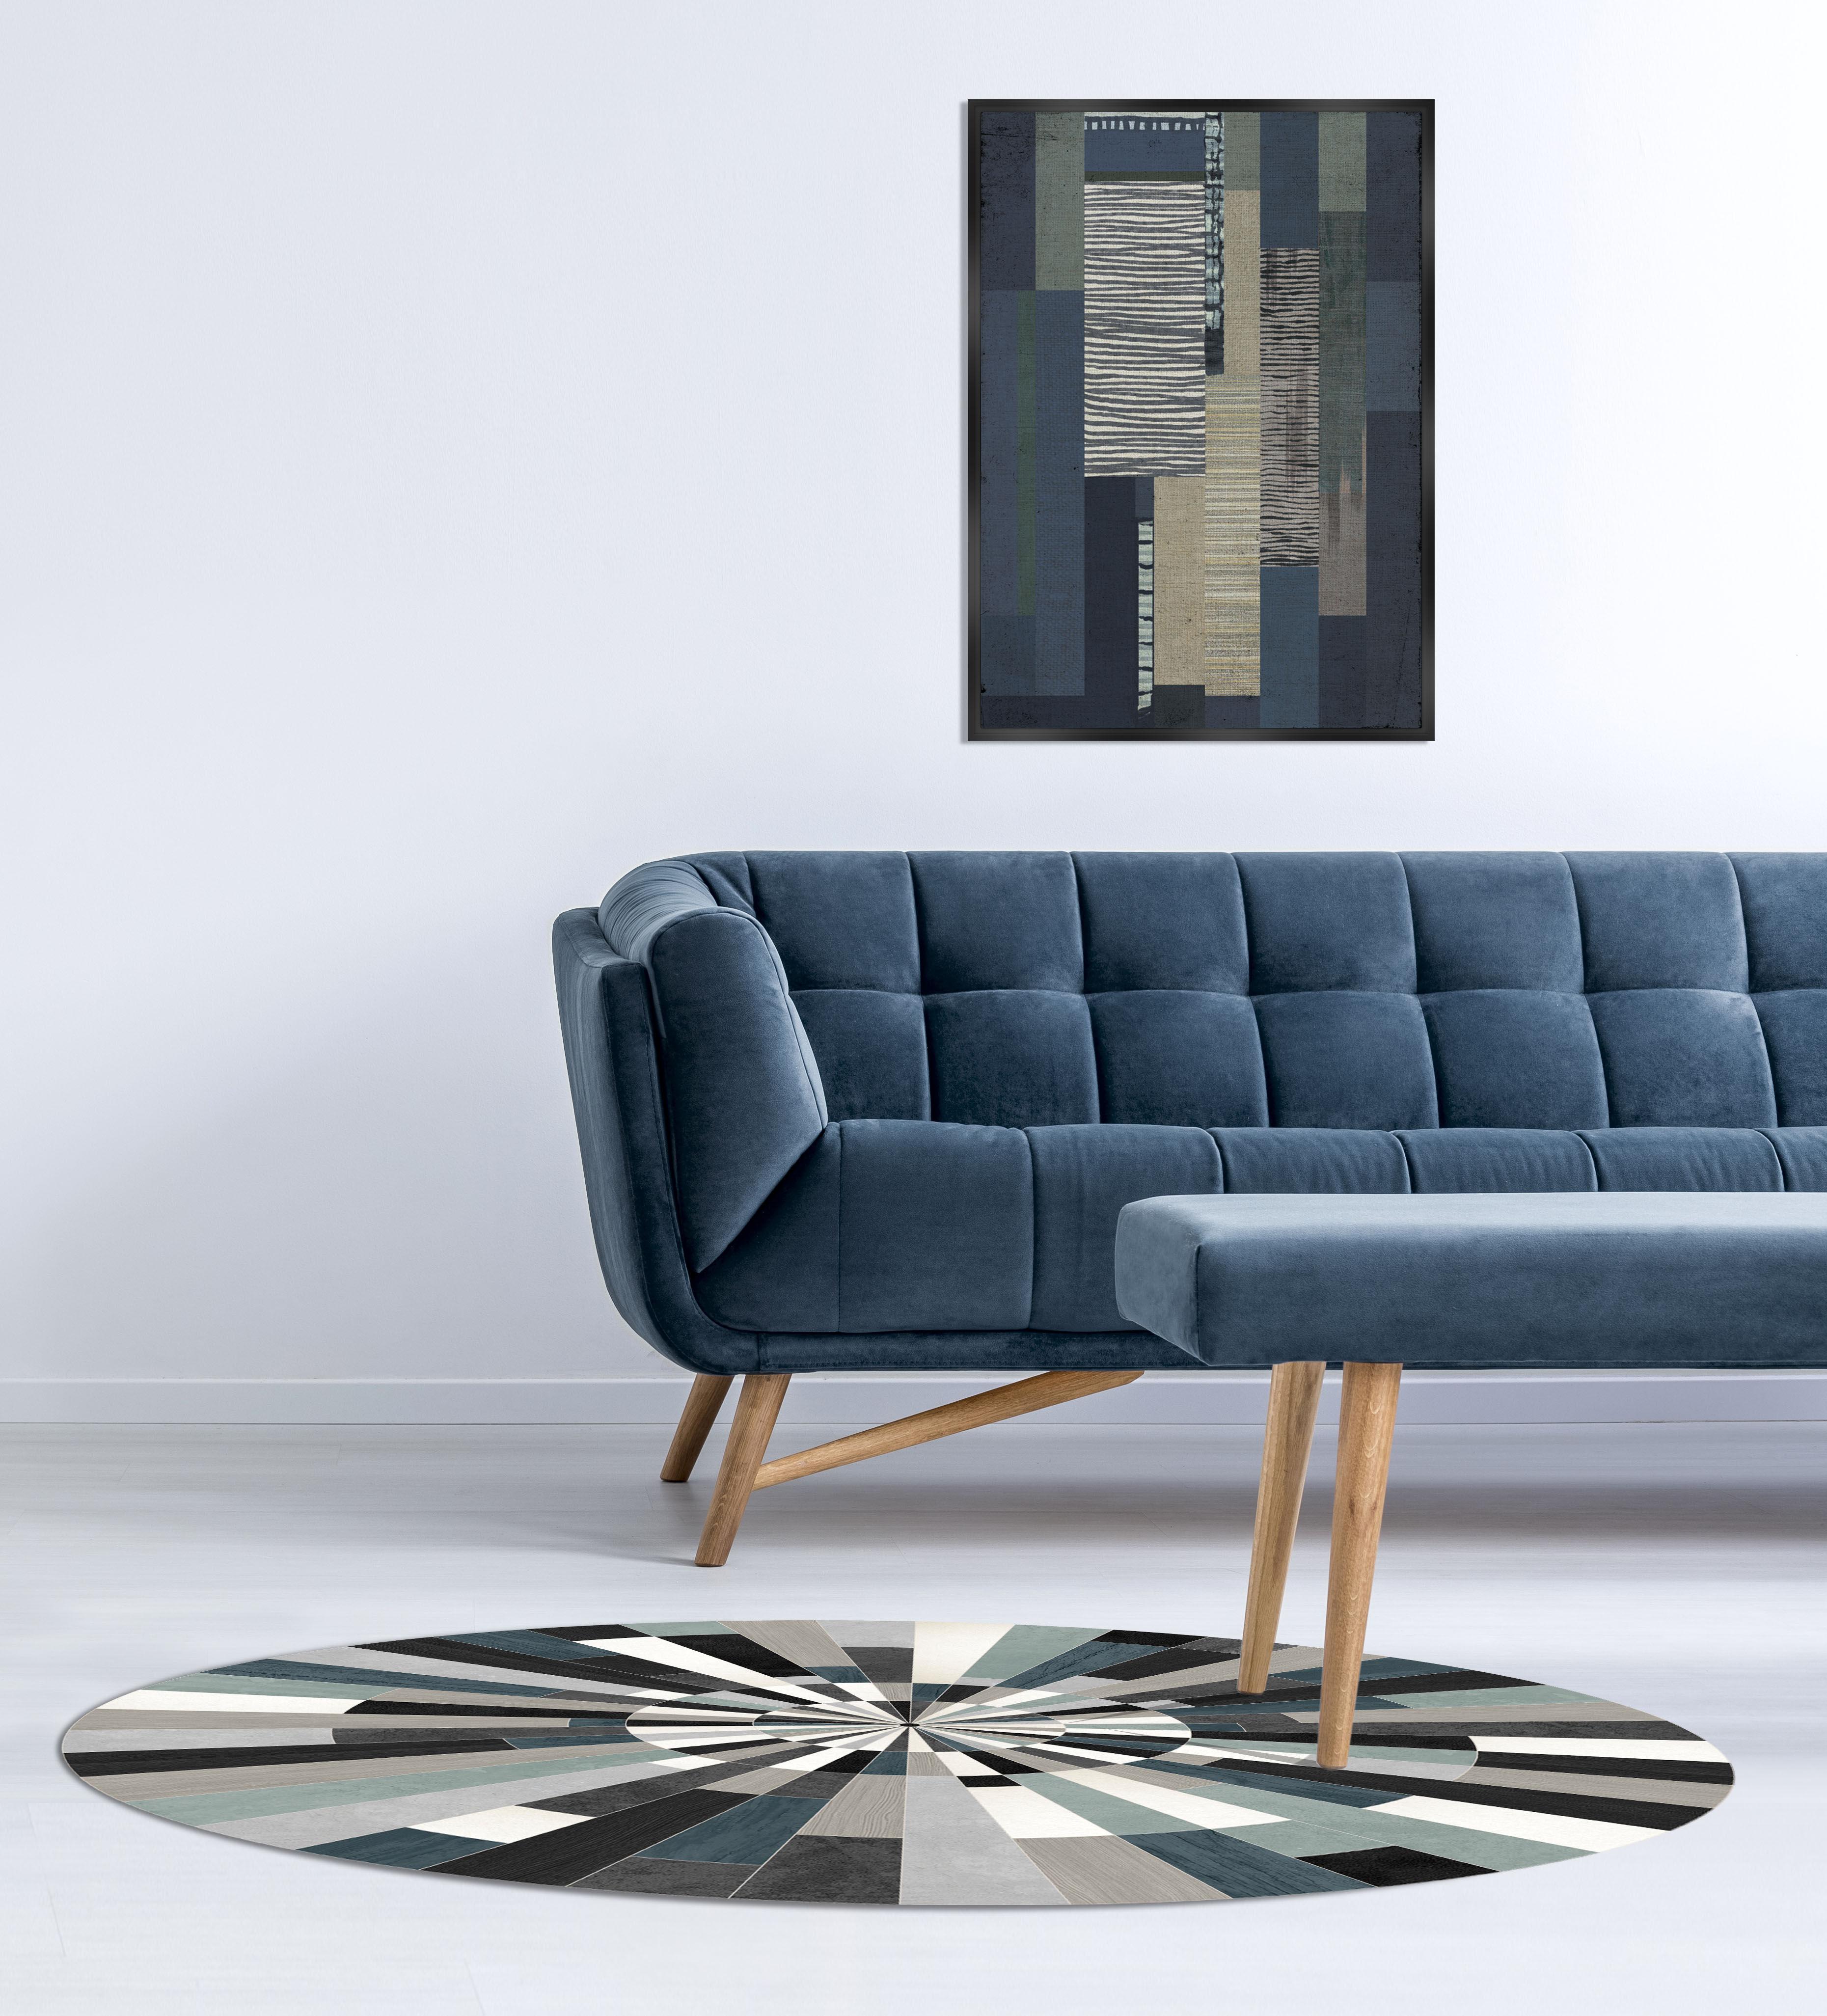 teppich fragments von p devache fragments blau schwarz grau 99 made in design. Black Bedroom Furniture Sets. Home Design Ideas